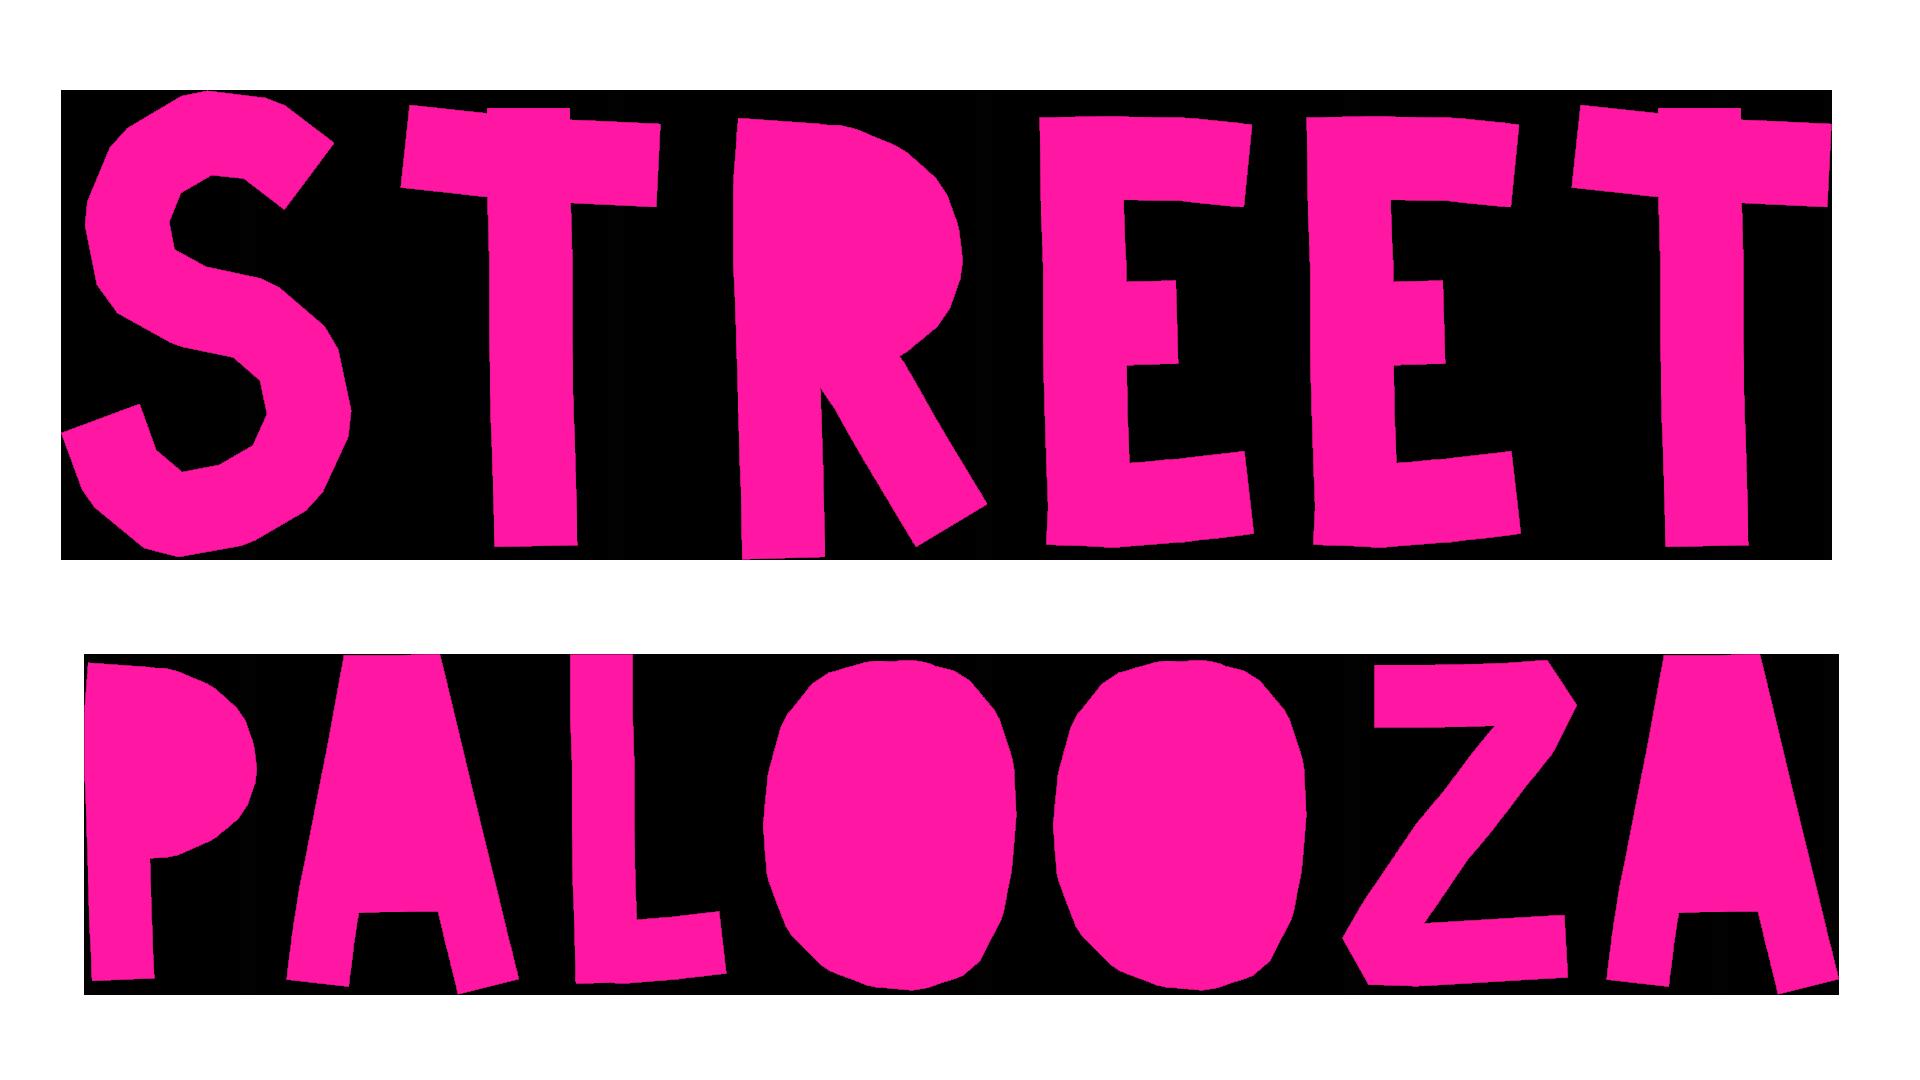 Street Palooza